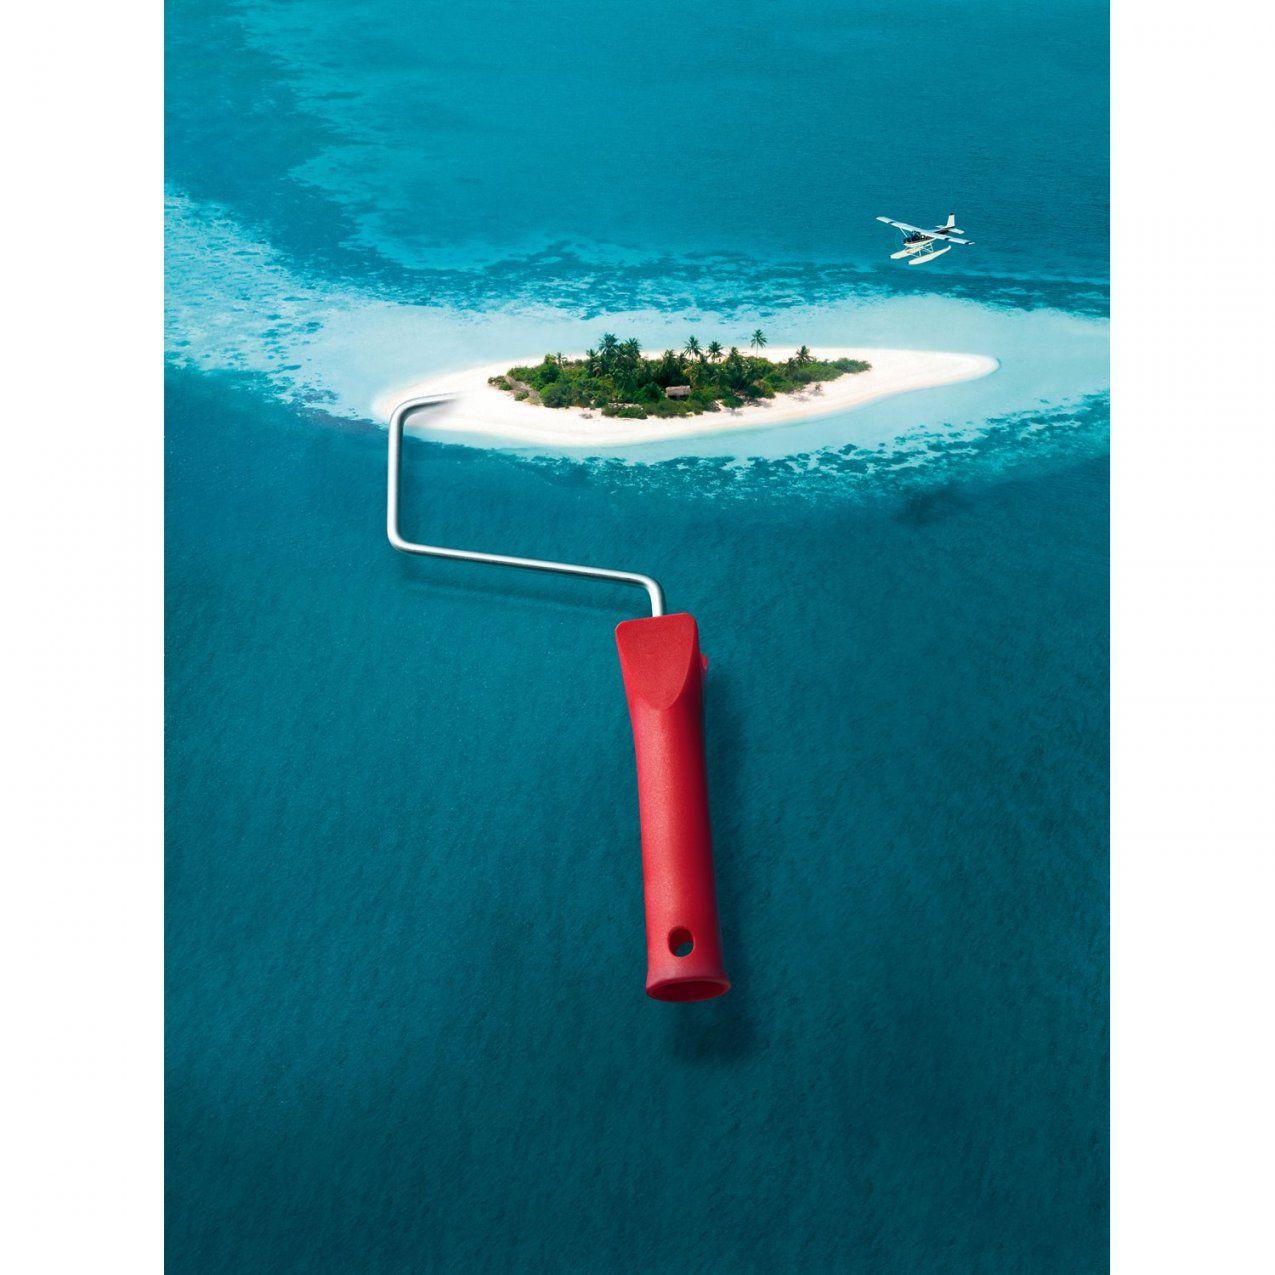 Schöner Wohnen Trendfarbe Lagune Seidenglänzend 25 L Kaufen Bei Obi von Schöner Wohnen Farbe Lagune Photo